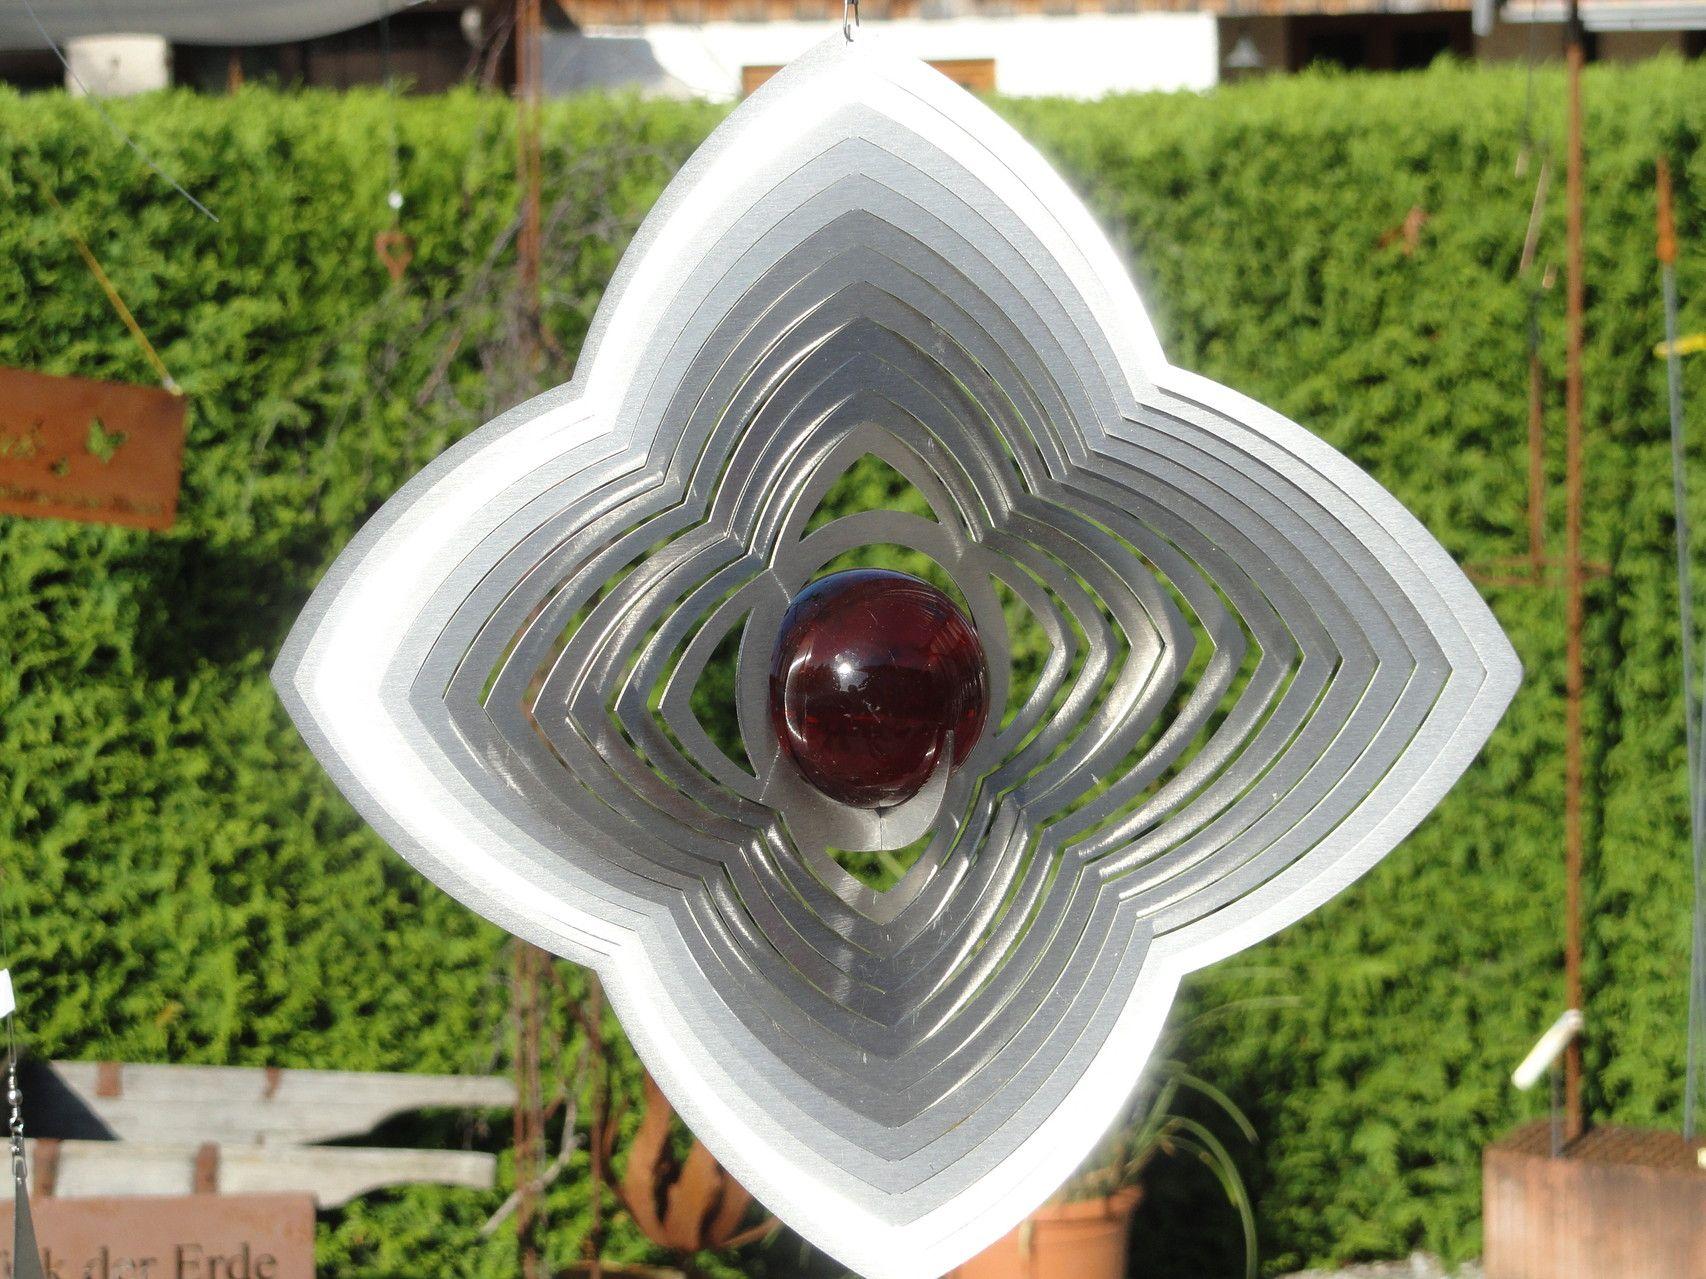 Edelstahl-Windspiel in Blütenform - Gartendeko von Franz und Karin ...